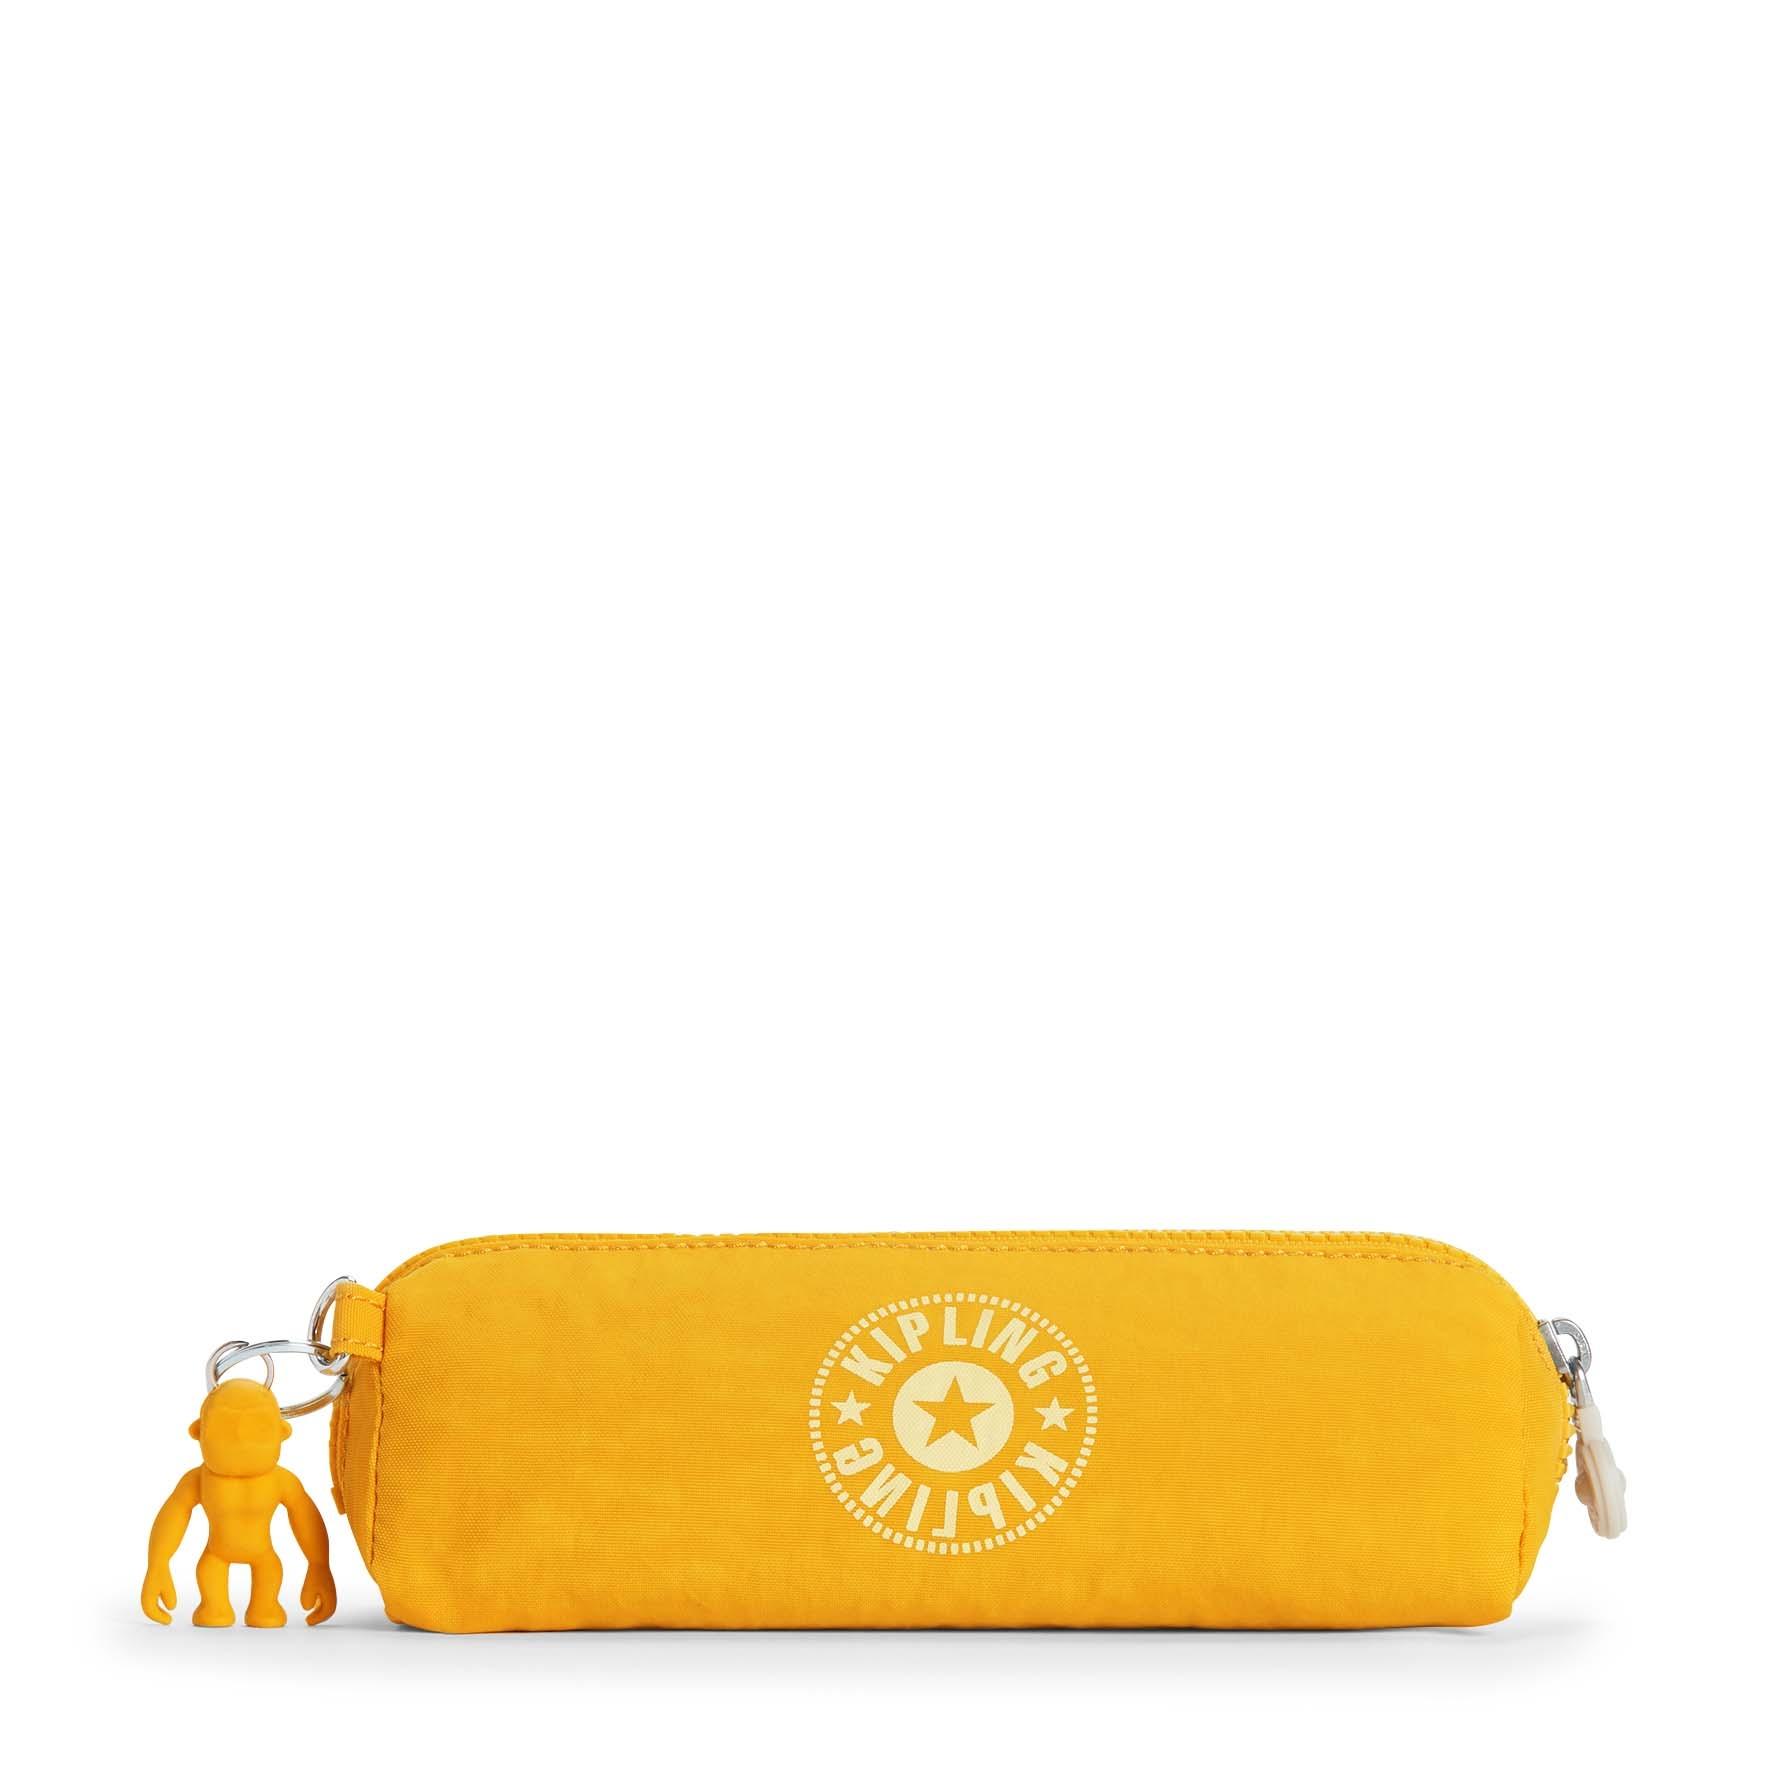 תיק מברשות Brush Pouch - Lively Yellow  צהוב תוסס